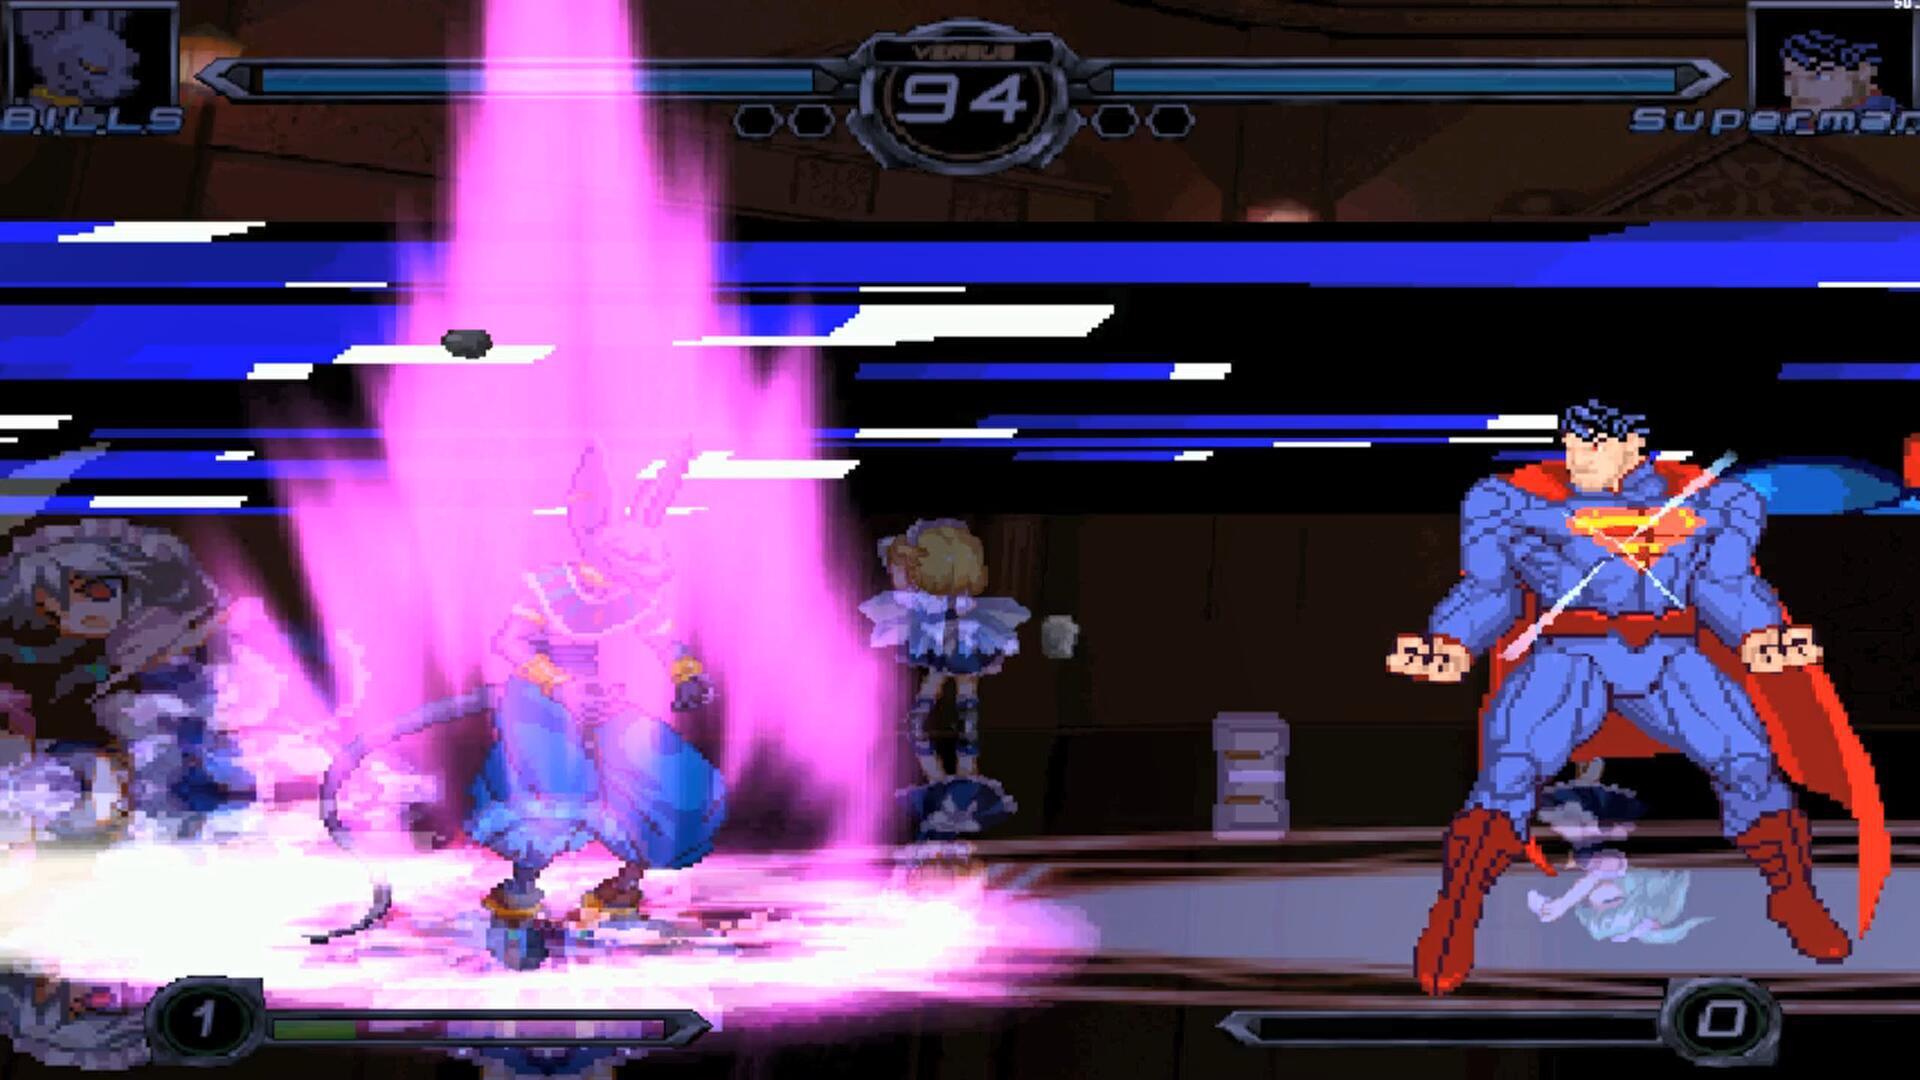 龙珠大战DC:第七宇宙破坏神比鲁斯,对阵正义联盟超人,谁更强